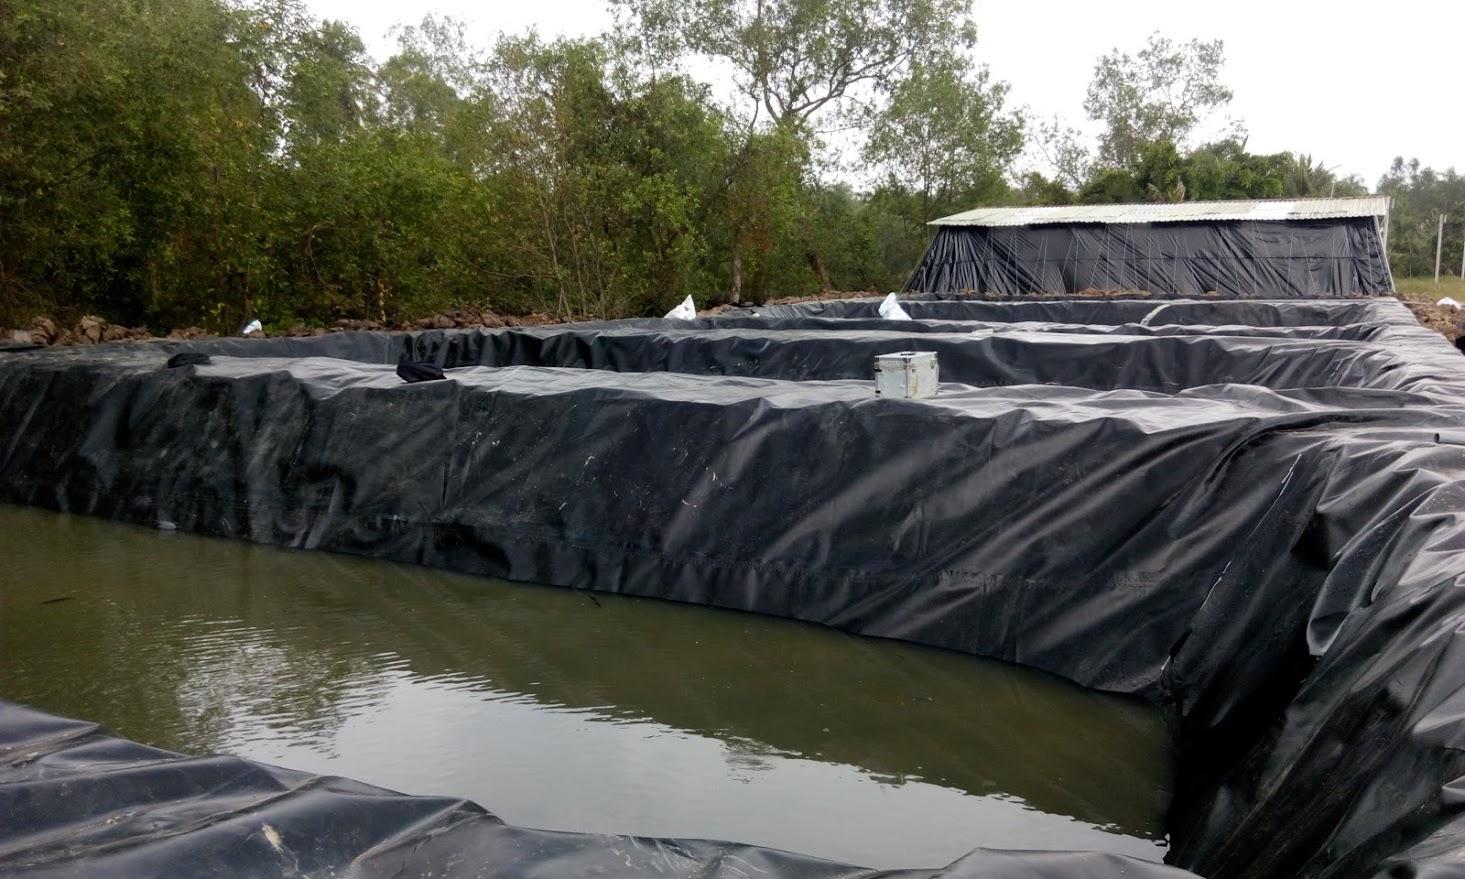 Bạt Lót Hồ Chứa Nước Nuôi Tôm, Nuôi Cá, Bạt Nhựa HDPE Lót Ao Chống Thấm Yên Bái